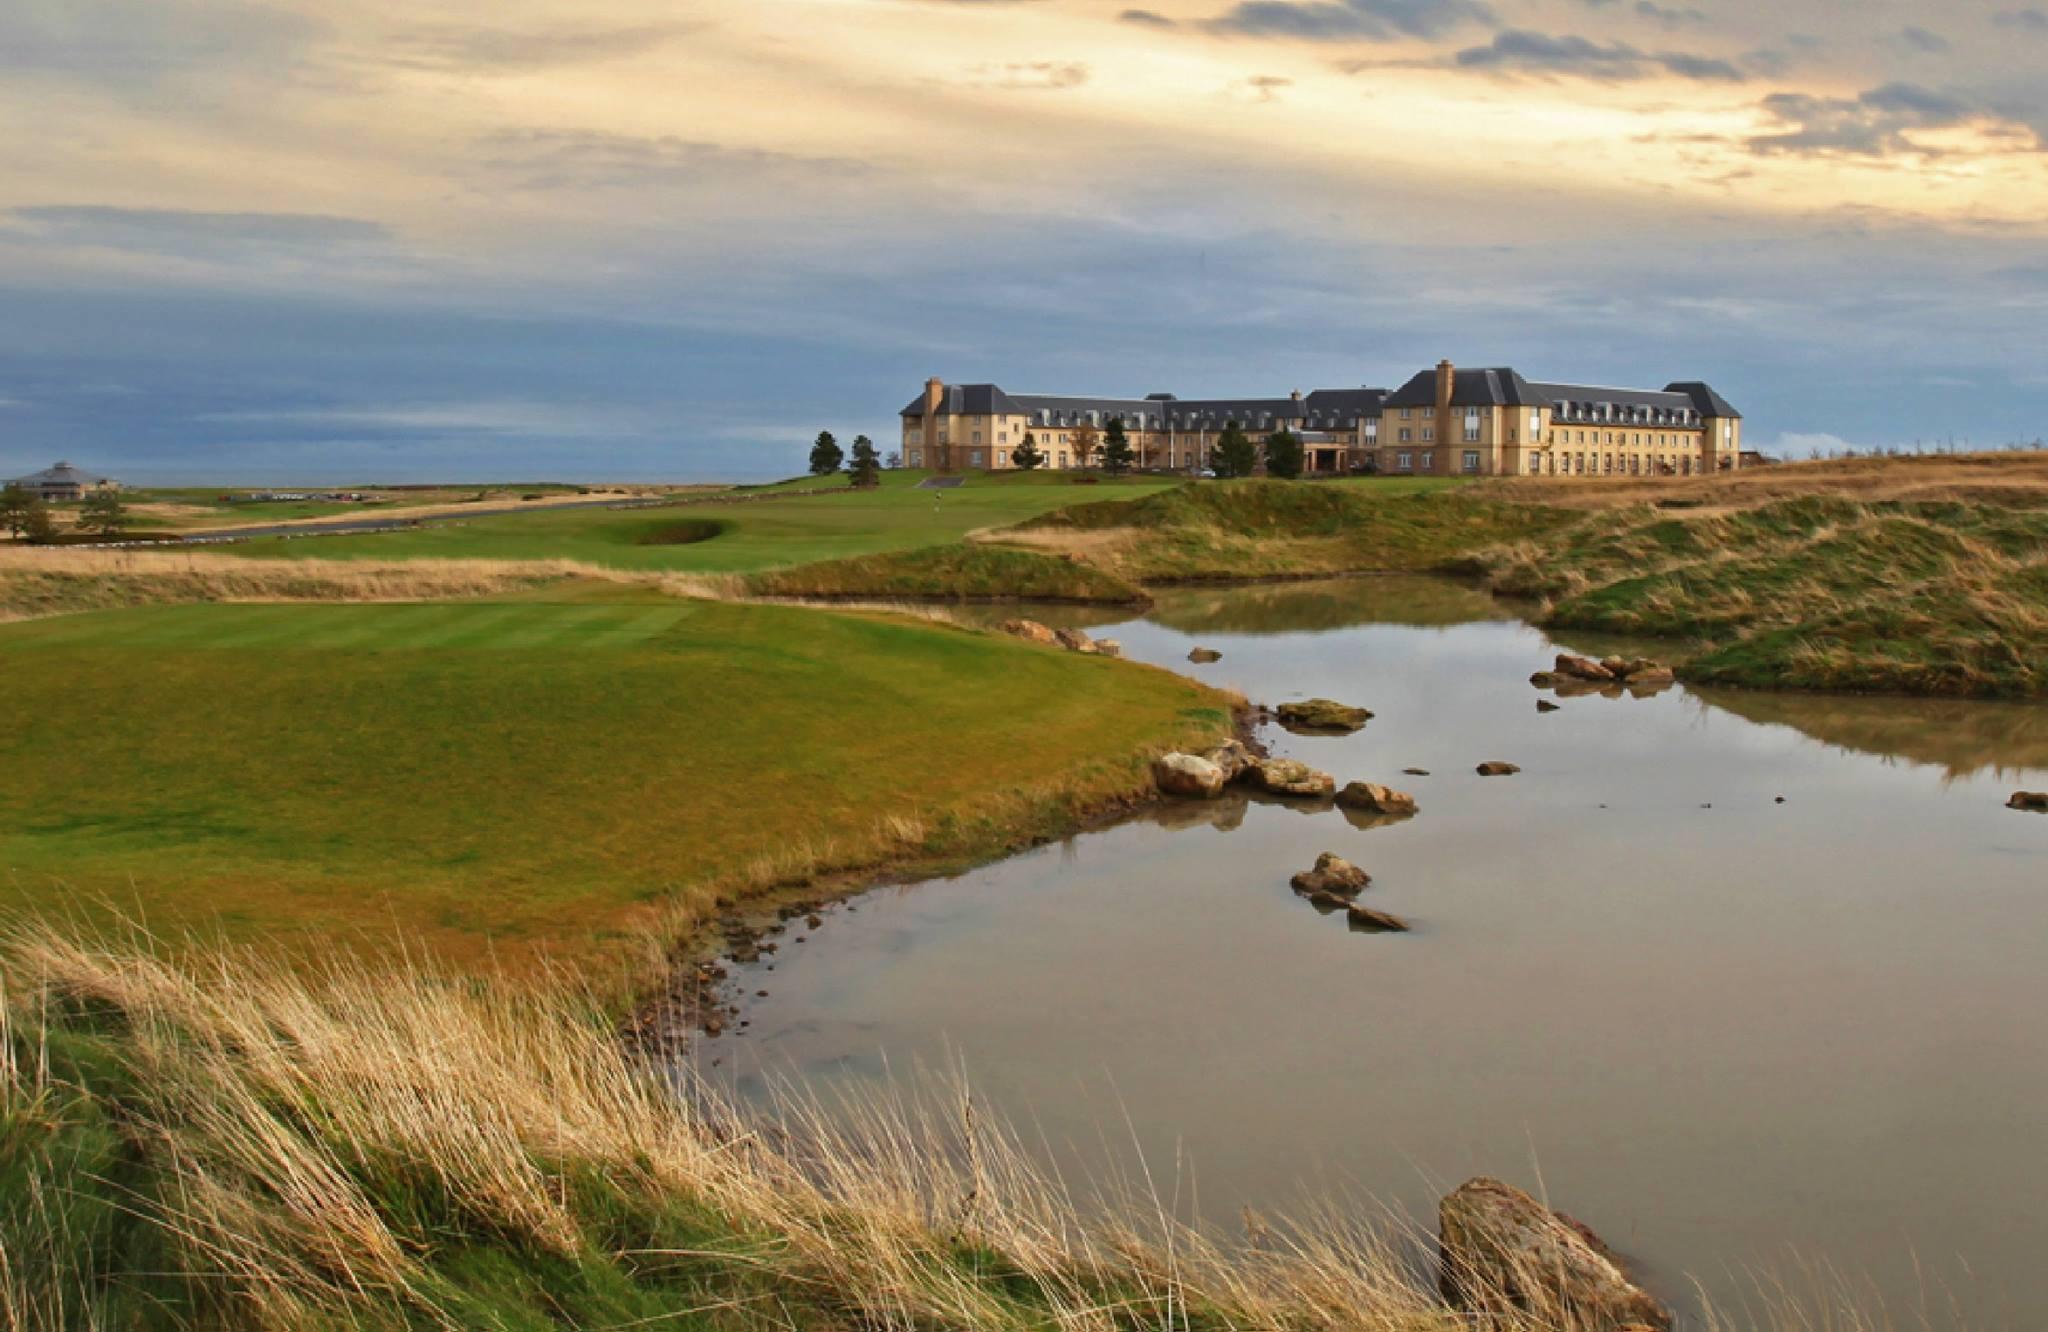 Cover of golf event named Fairmont Senior's Open - September